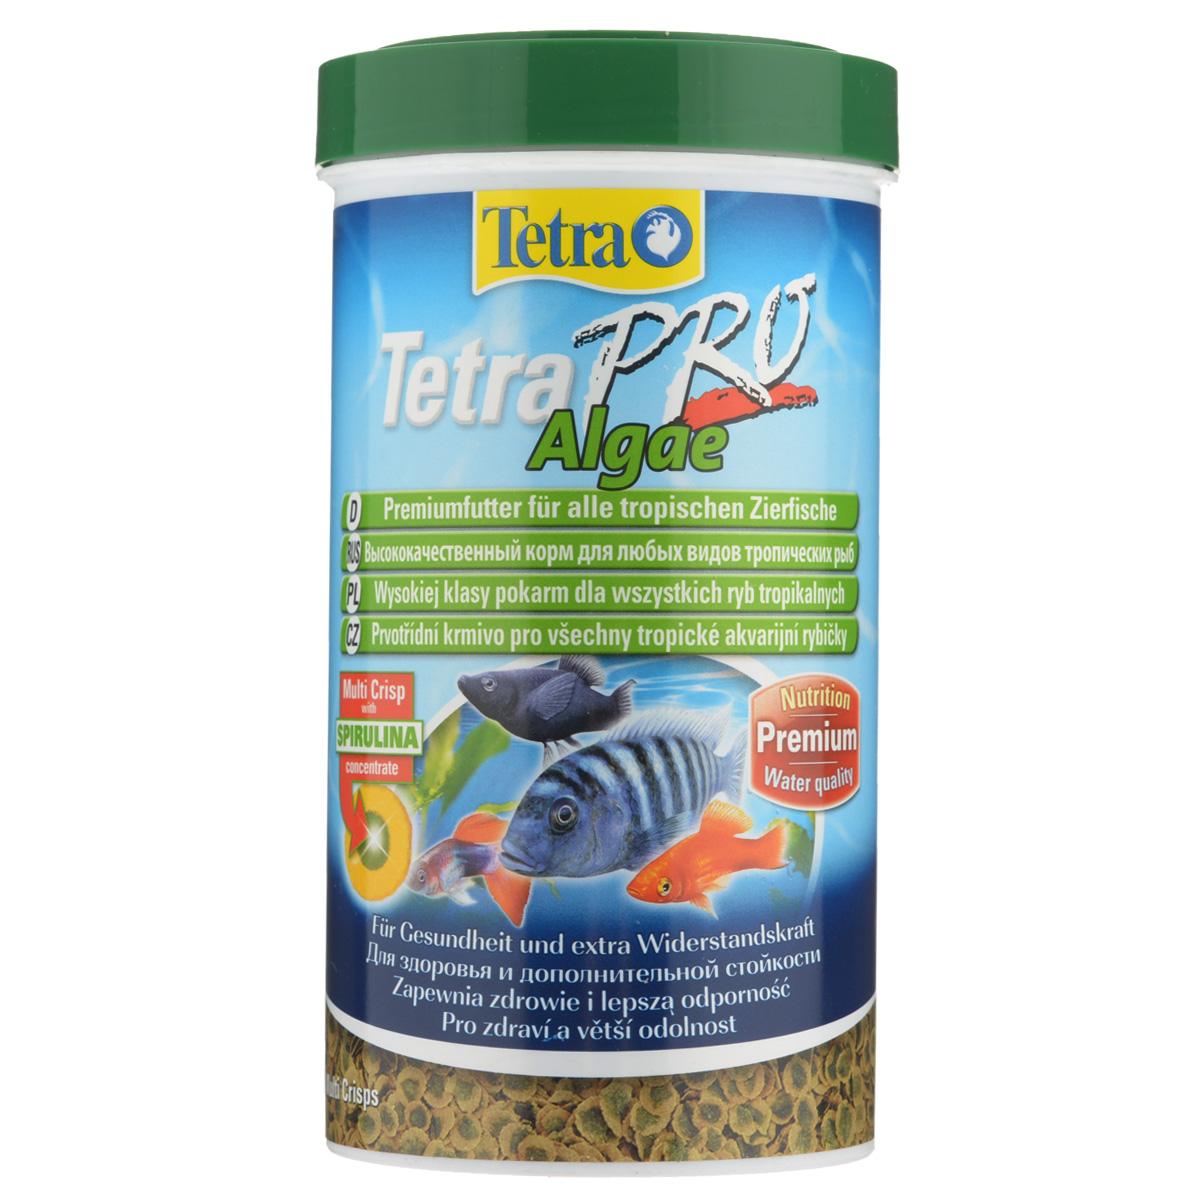 Корм сухой Tetra TetraPro. Algae для всех видов тропических рыб, чипсы, 500 мл (95 г)204492Полноценный высококачественный корм Tetra TetraPro. Algae для всех видов тропических рыб разработан для поддержания здоровья и придания дополнительной стойкости. Особенности Tetra TetraPro. Algae: - щадящая низкотемпературная технология изготовления для высокой питательной ценности и стабильности витаминов; - концентрат спирулина для повышения сопротивляемости организма; - инновационная форма чипсов для минимального загрязнения воды; - идеально подходит для растительноядных рыб; - легкое кормление. Рекомендации по кормлению: кормить несколько раз в день маленькими порциями. Состав: рыба и побочные рыбные продукты, зерновые культуры, экстракты растительного белка, дрожжи, моллюски и раки, масла и жиры, водоросли (спирулина 1%). Аналитические компоненты: сырой белок - 46%, сырые масла и жиры - 12%, сырая клетчатка - 3%, влага - 9%. Добавки: витамины, провитамины и химические вещества с аналогичным воздействием,...